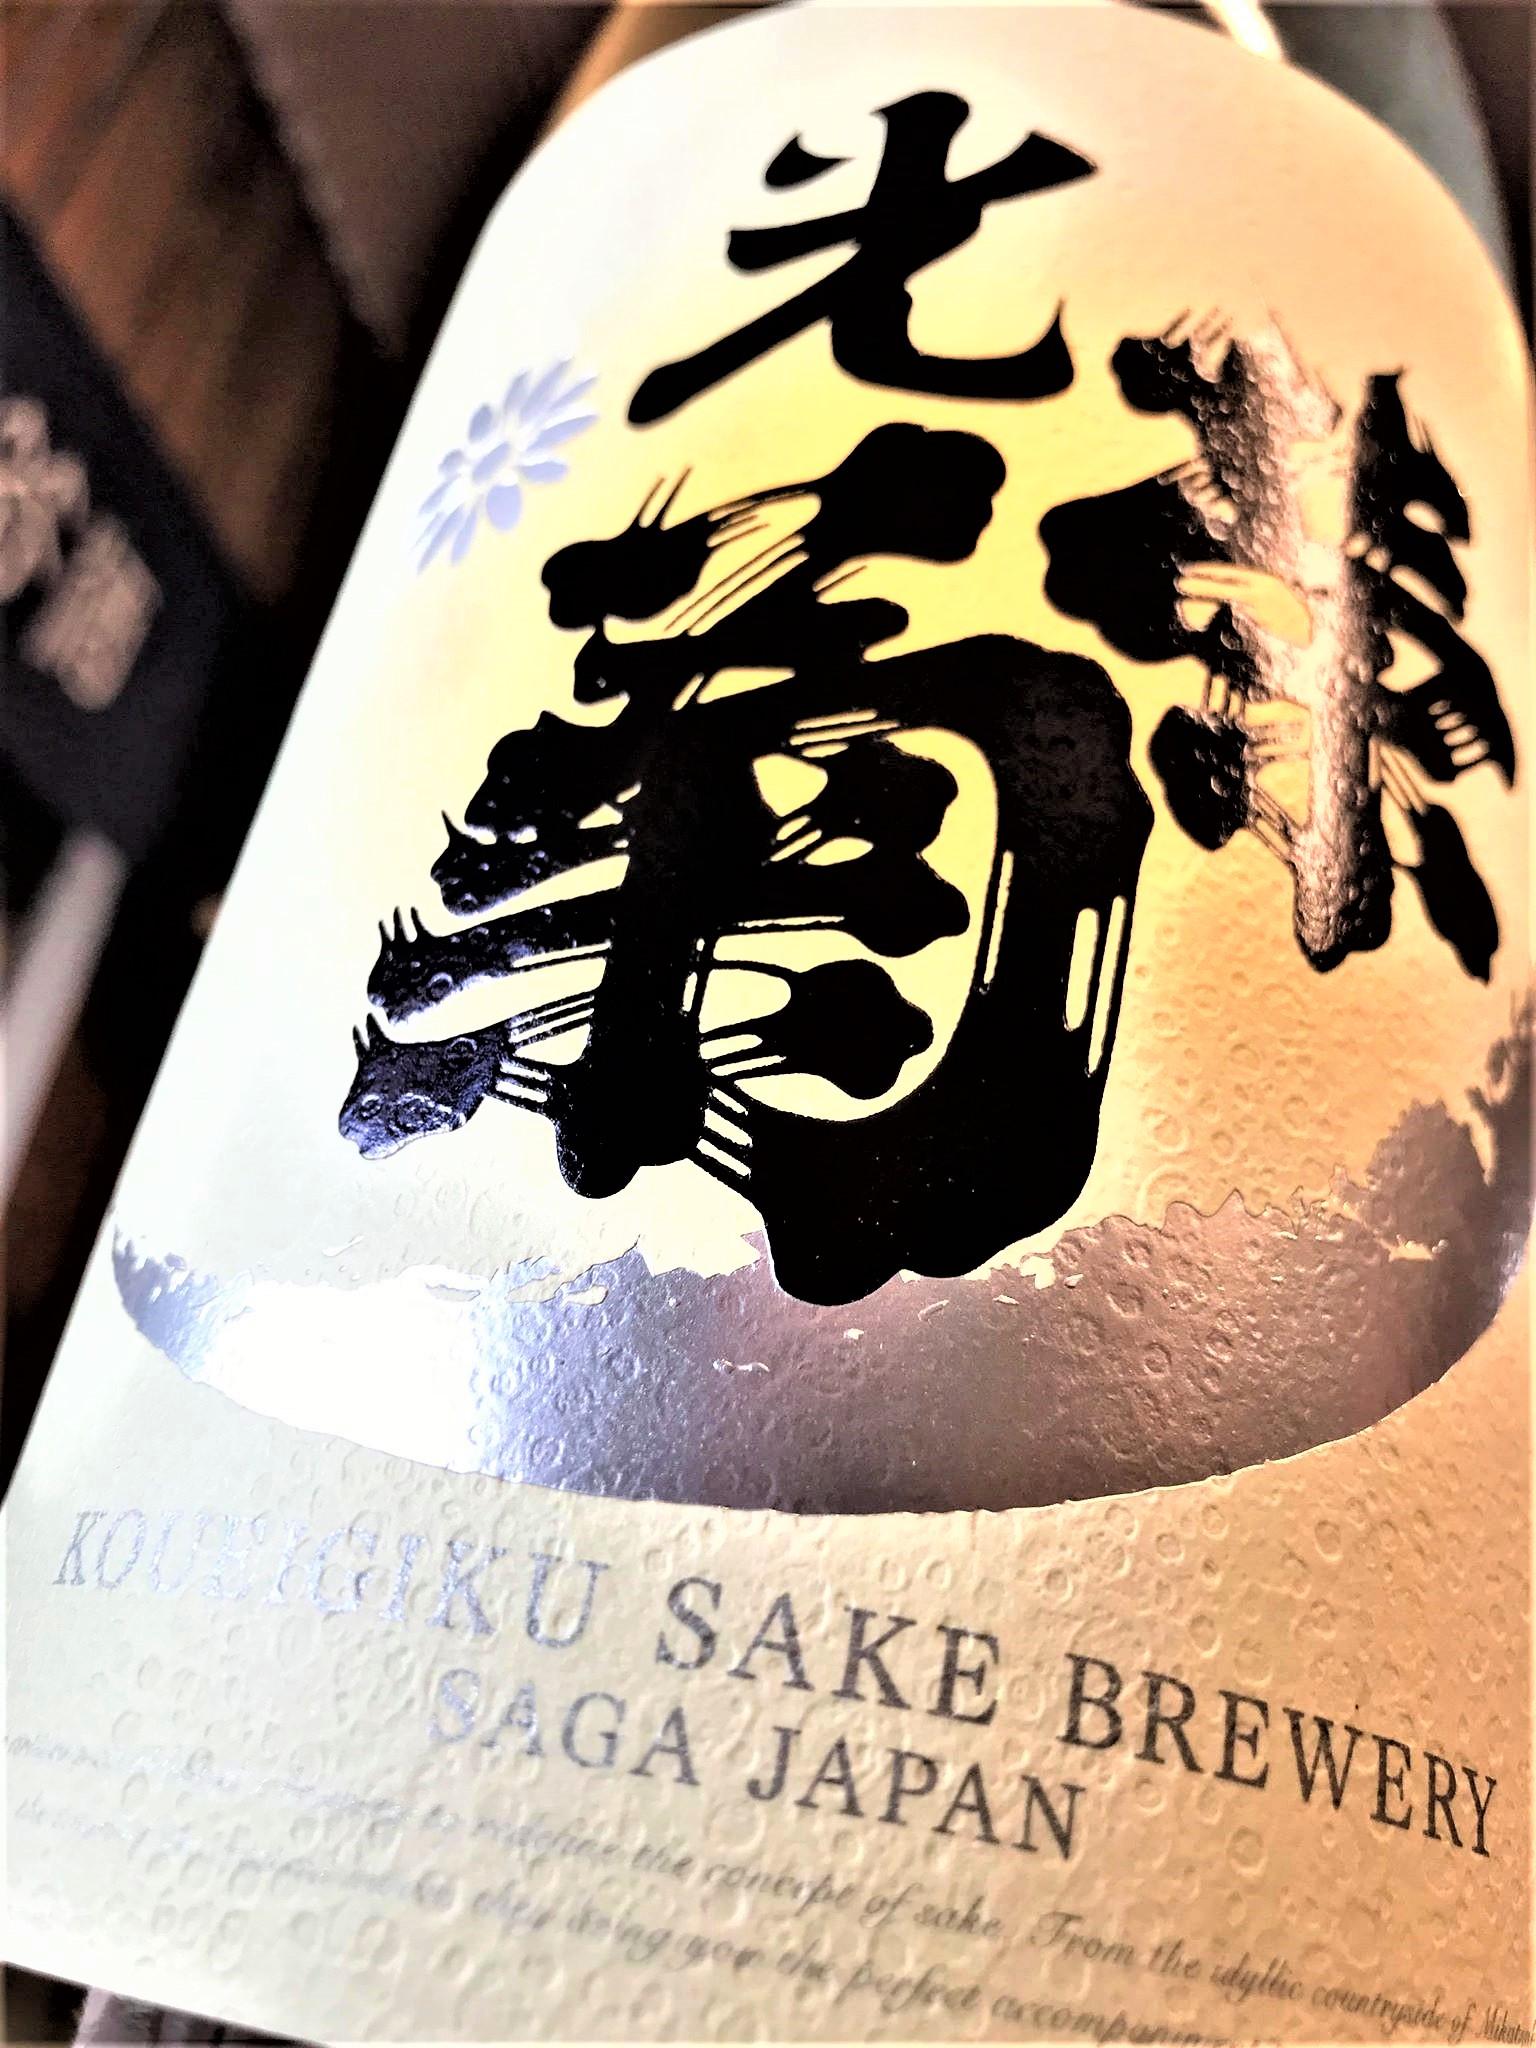 【日本酒】阿櫻🌸番外編『宴-UTAGE-』特別純米 ツバキアンナ✨SPver 特別限定蔵出し 令和1BY🆕_e0173738_9142138.jpg